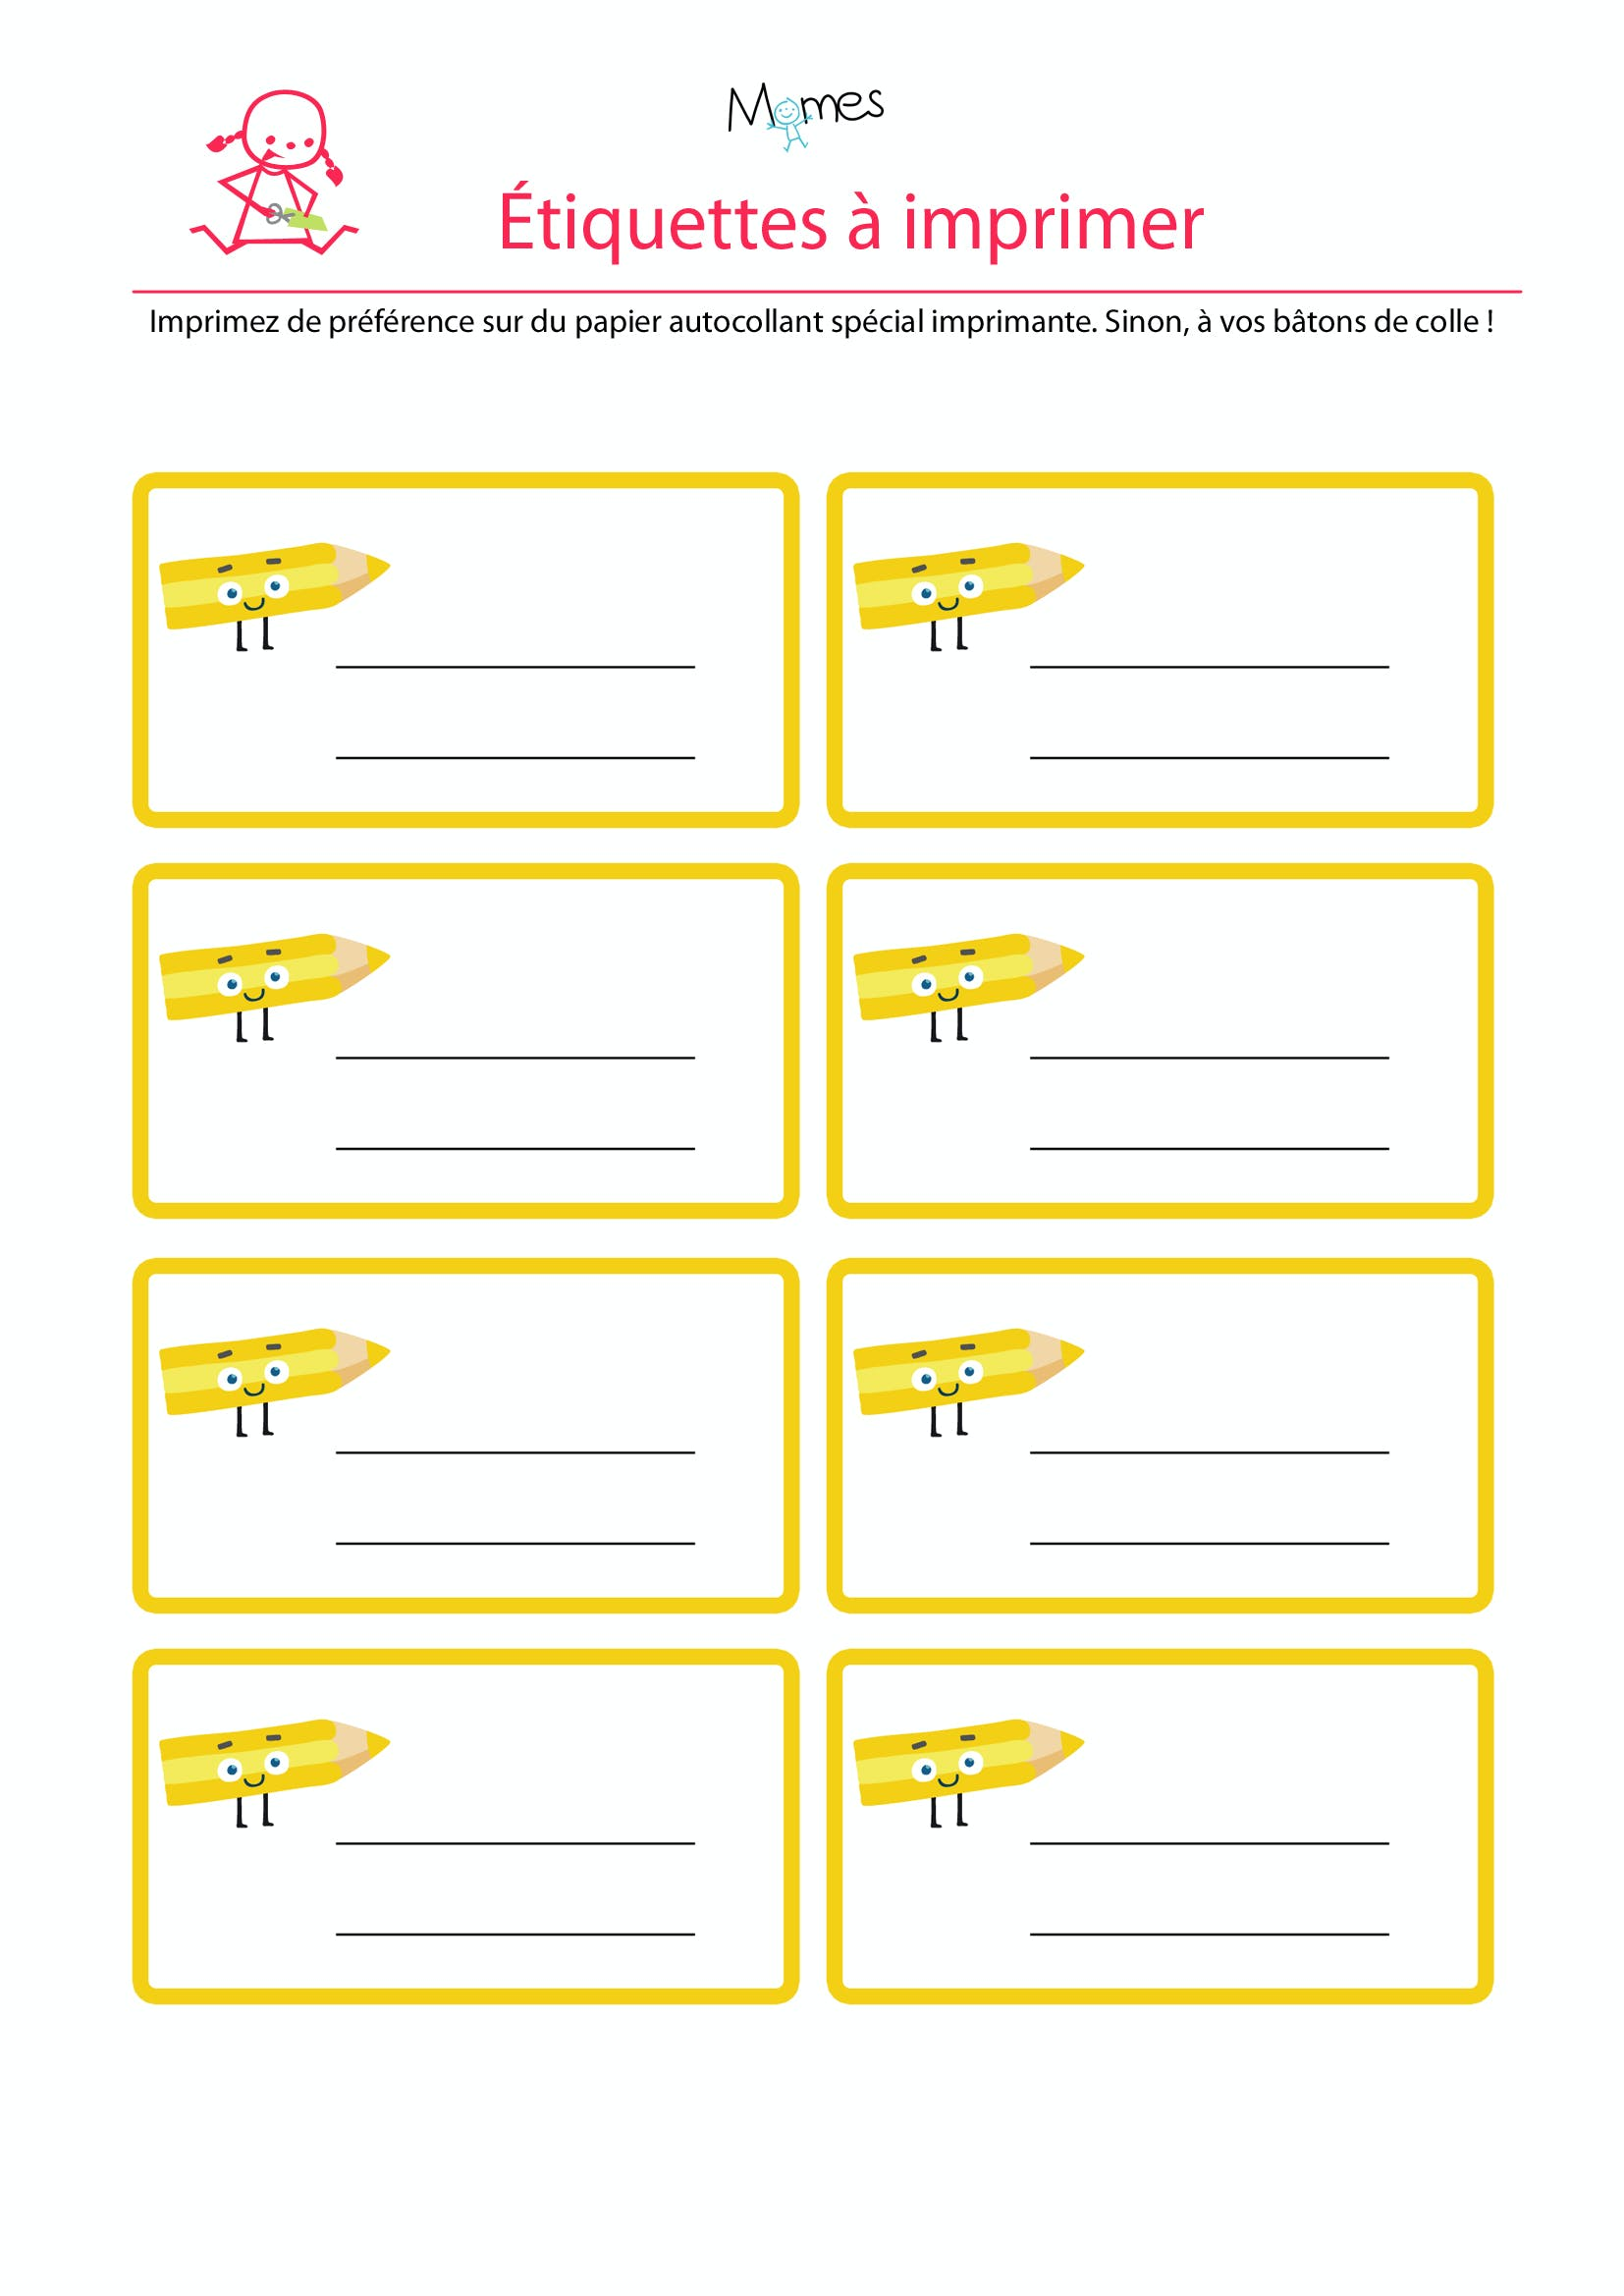 Bien connu Les étiquettes à imprimer jaune - Momes.net SR12